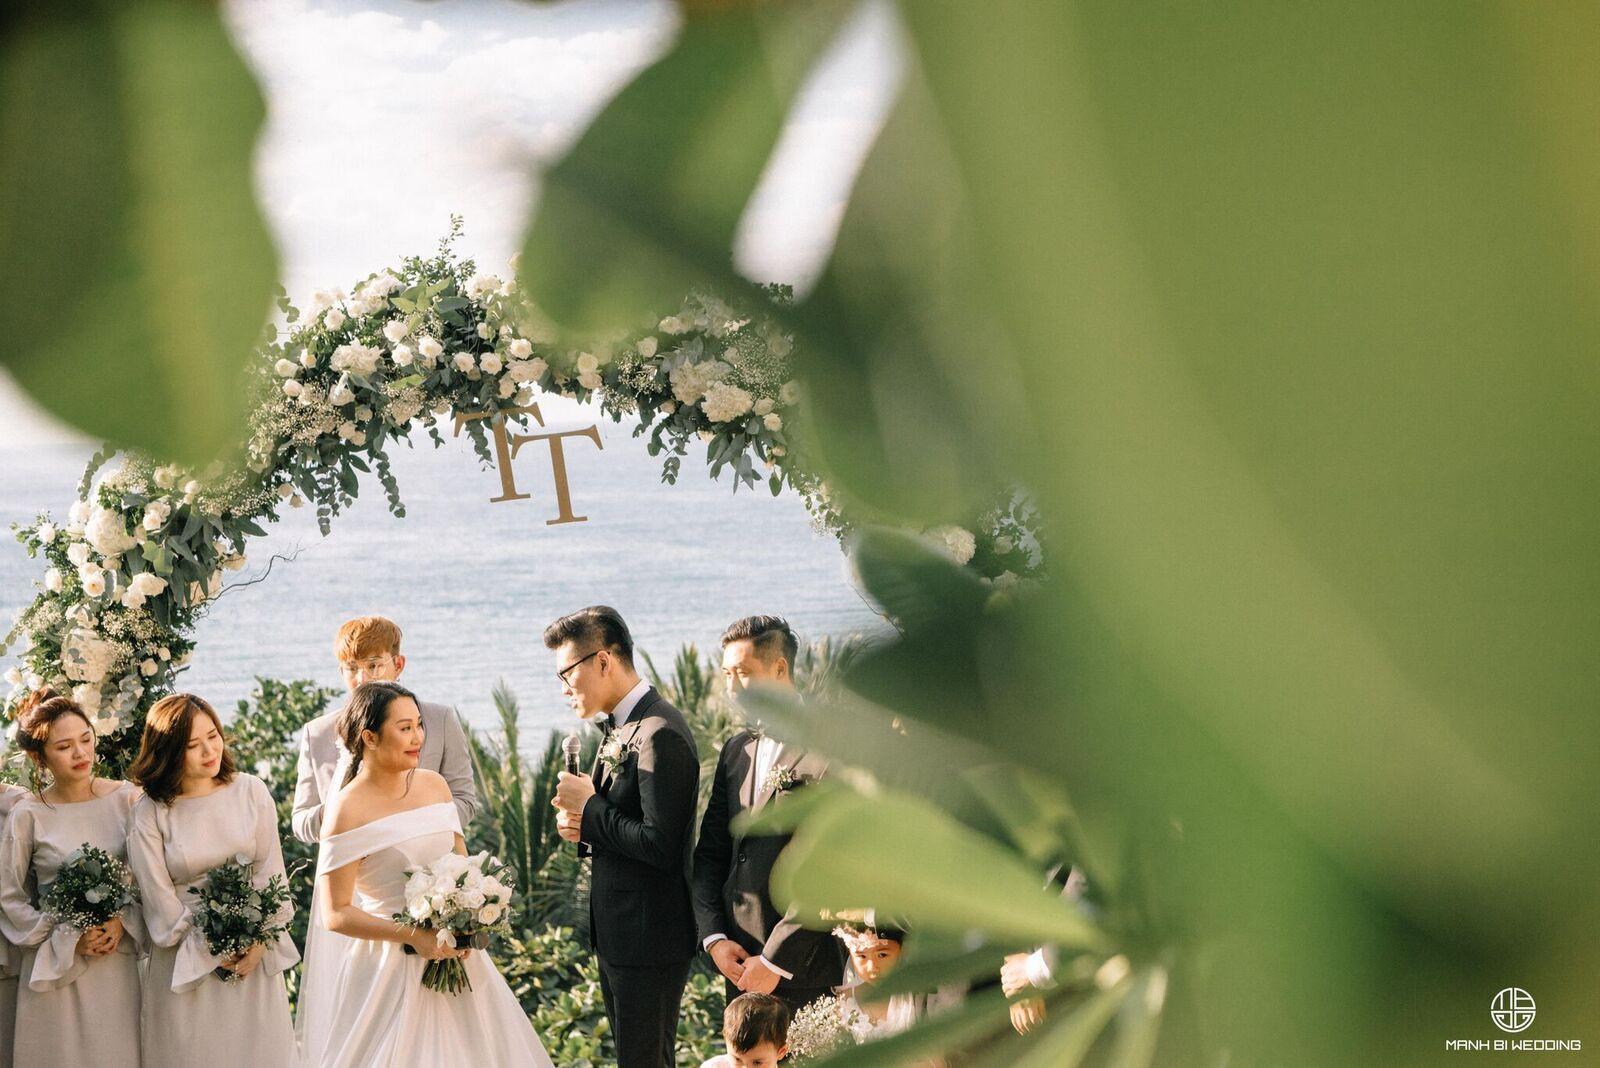 Nhà văn Gào chia sẻ nhiều thông tin thú vị về đám cưới như mơ ngay sau tiệc cưới hoành tráng trên bờ biển - Ảnh 1.